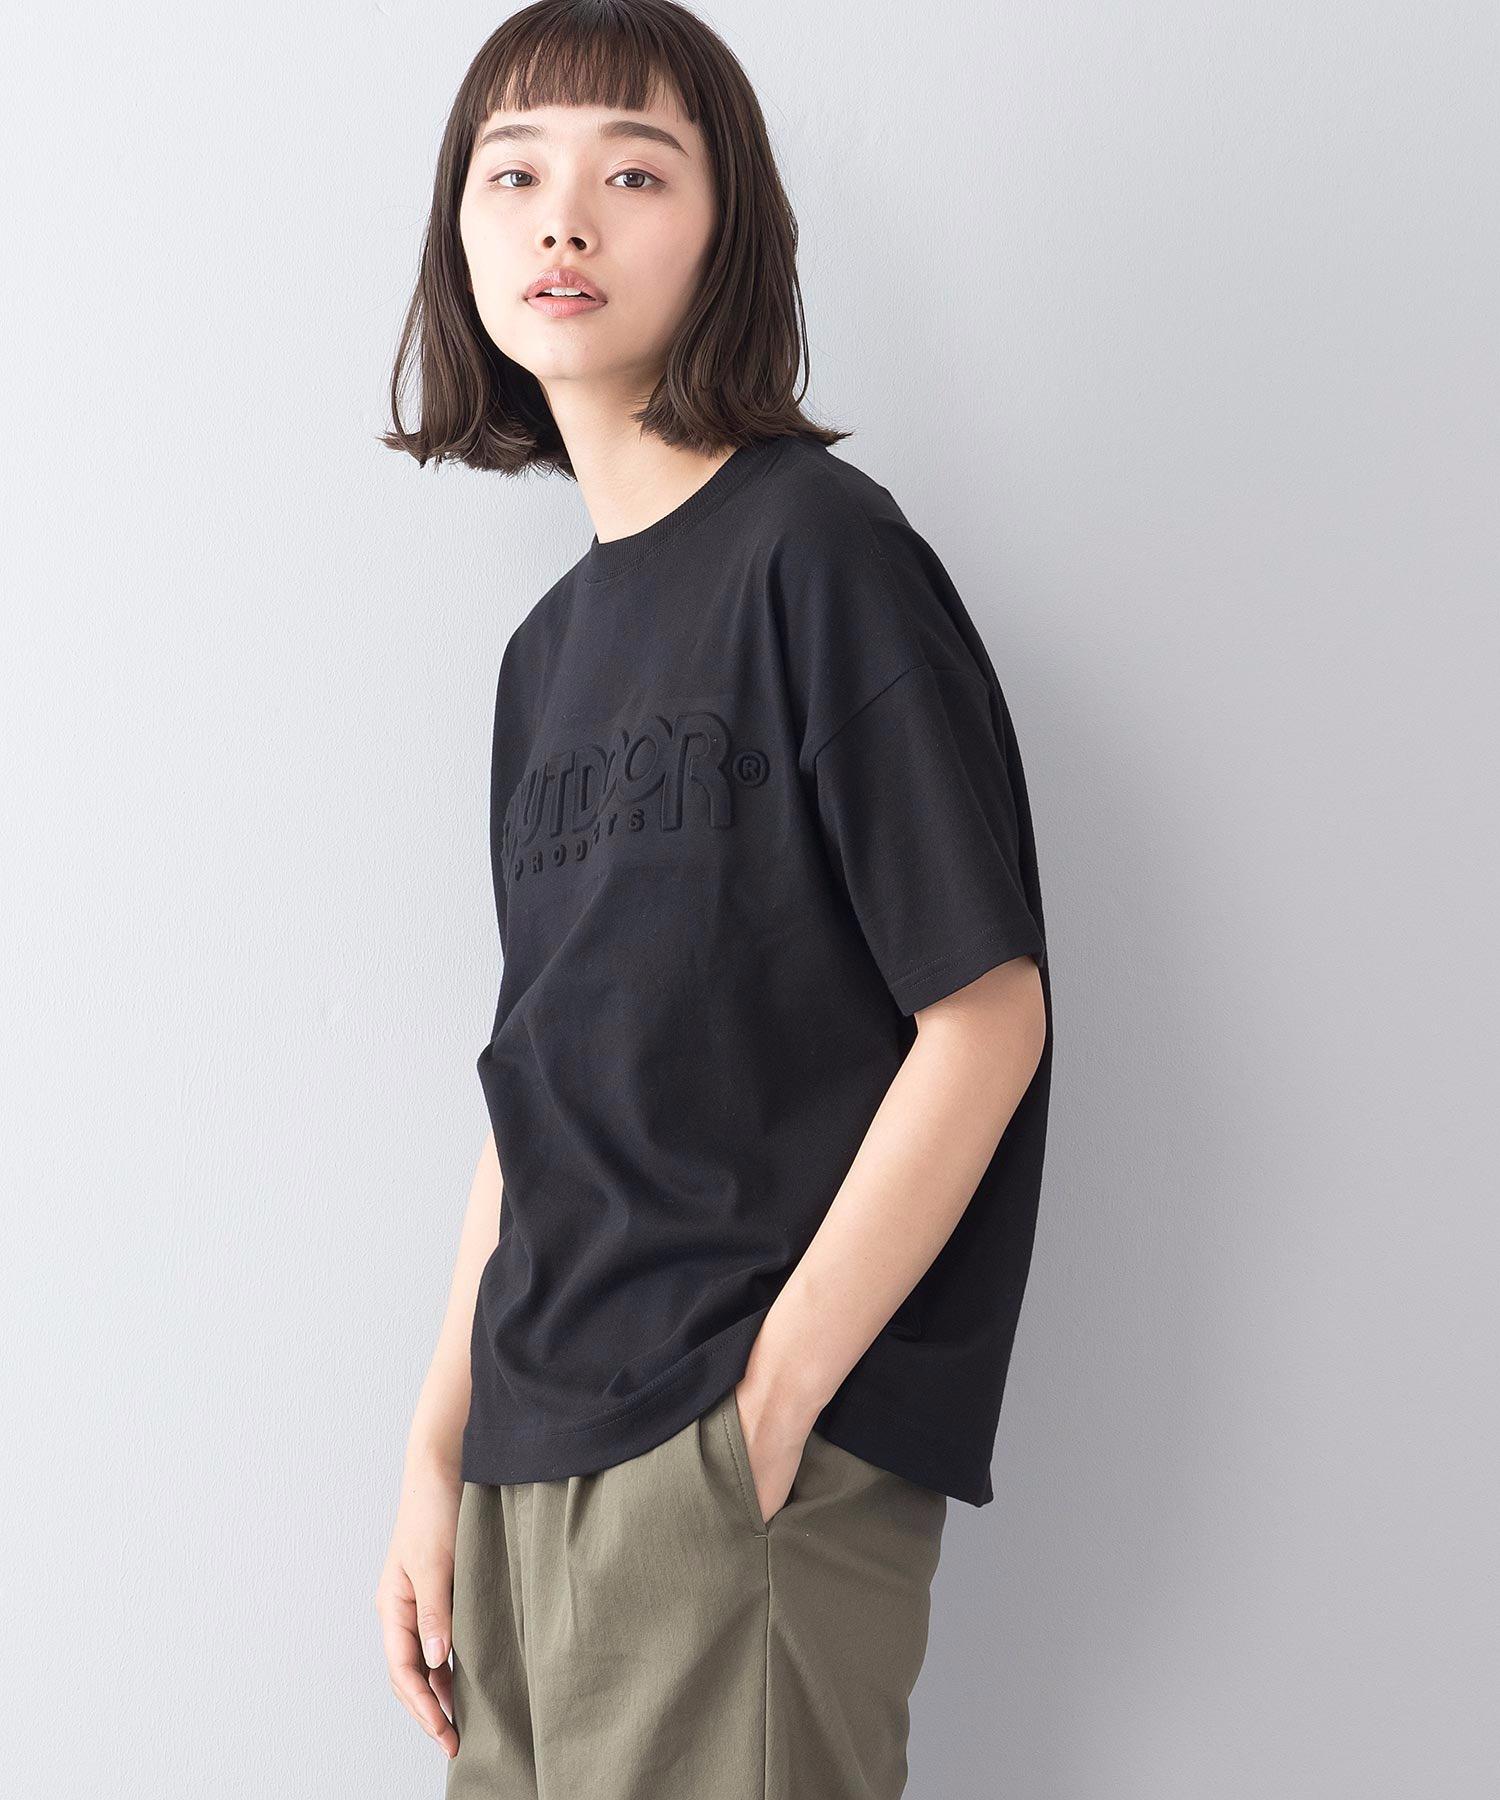 エンボスロゴTシャツ 同色プリント ブランドロゴ